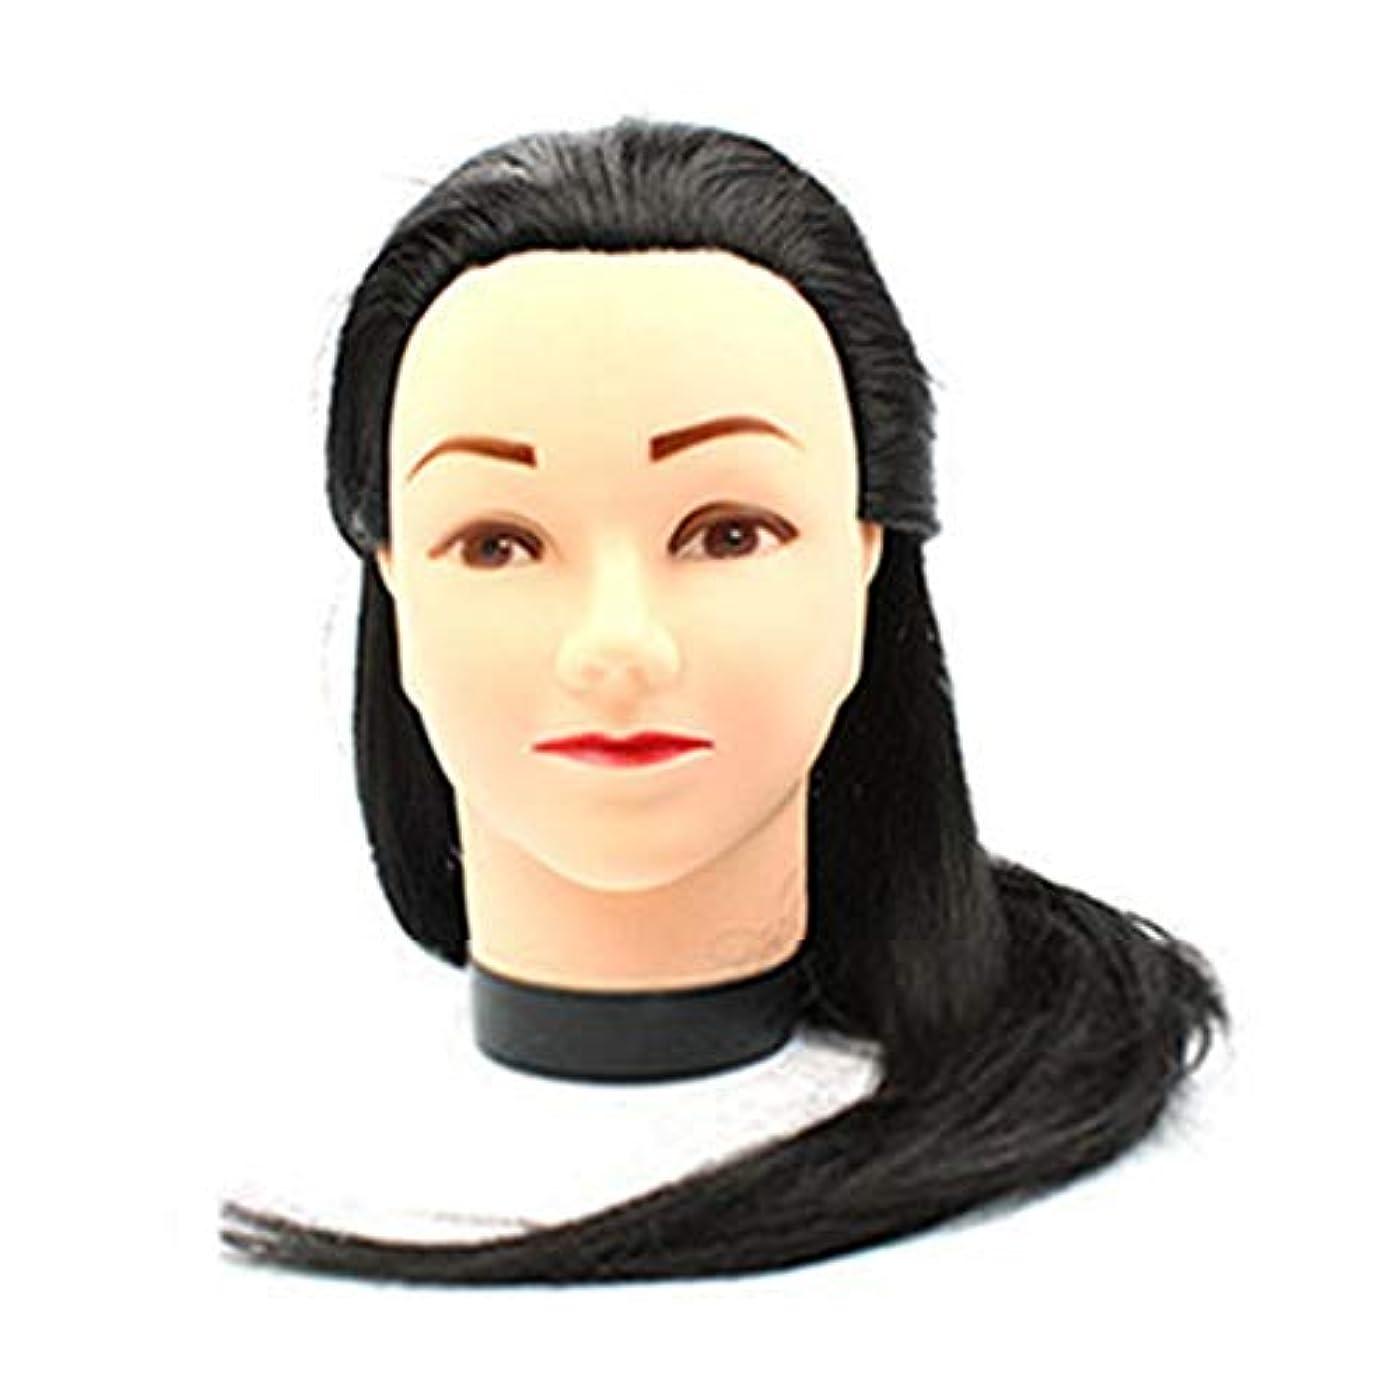 司書愛されし者驚いたことに低温繊維かつらヘッドモールドメイクヘアスタイリングヘッドヘアーサロントレーニング学習ヘアカットデュアルユースダミー人間の頭